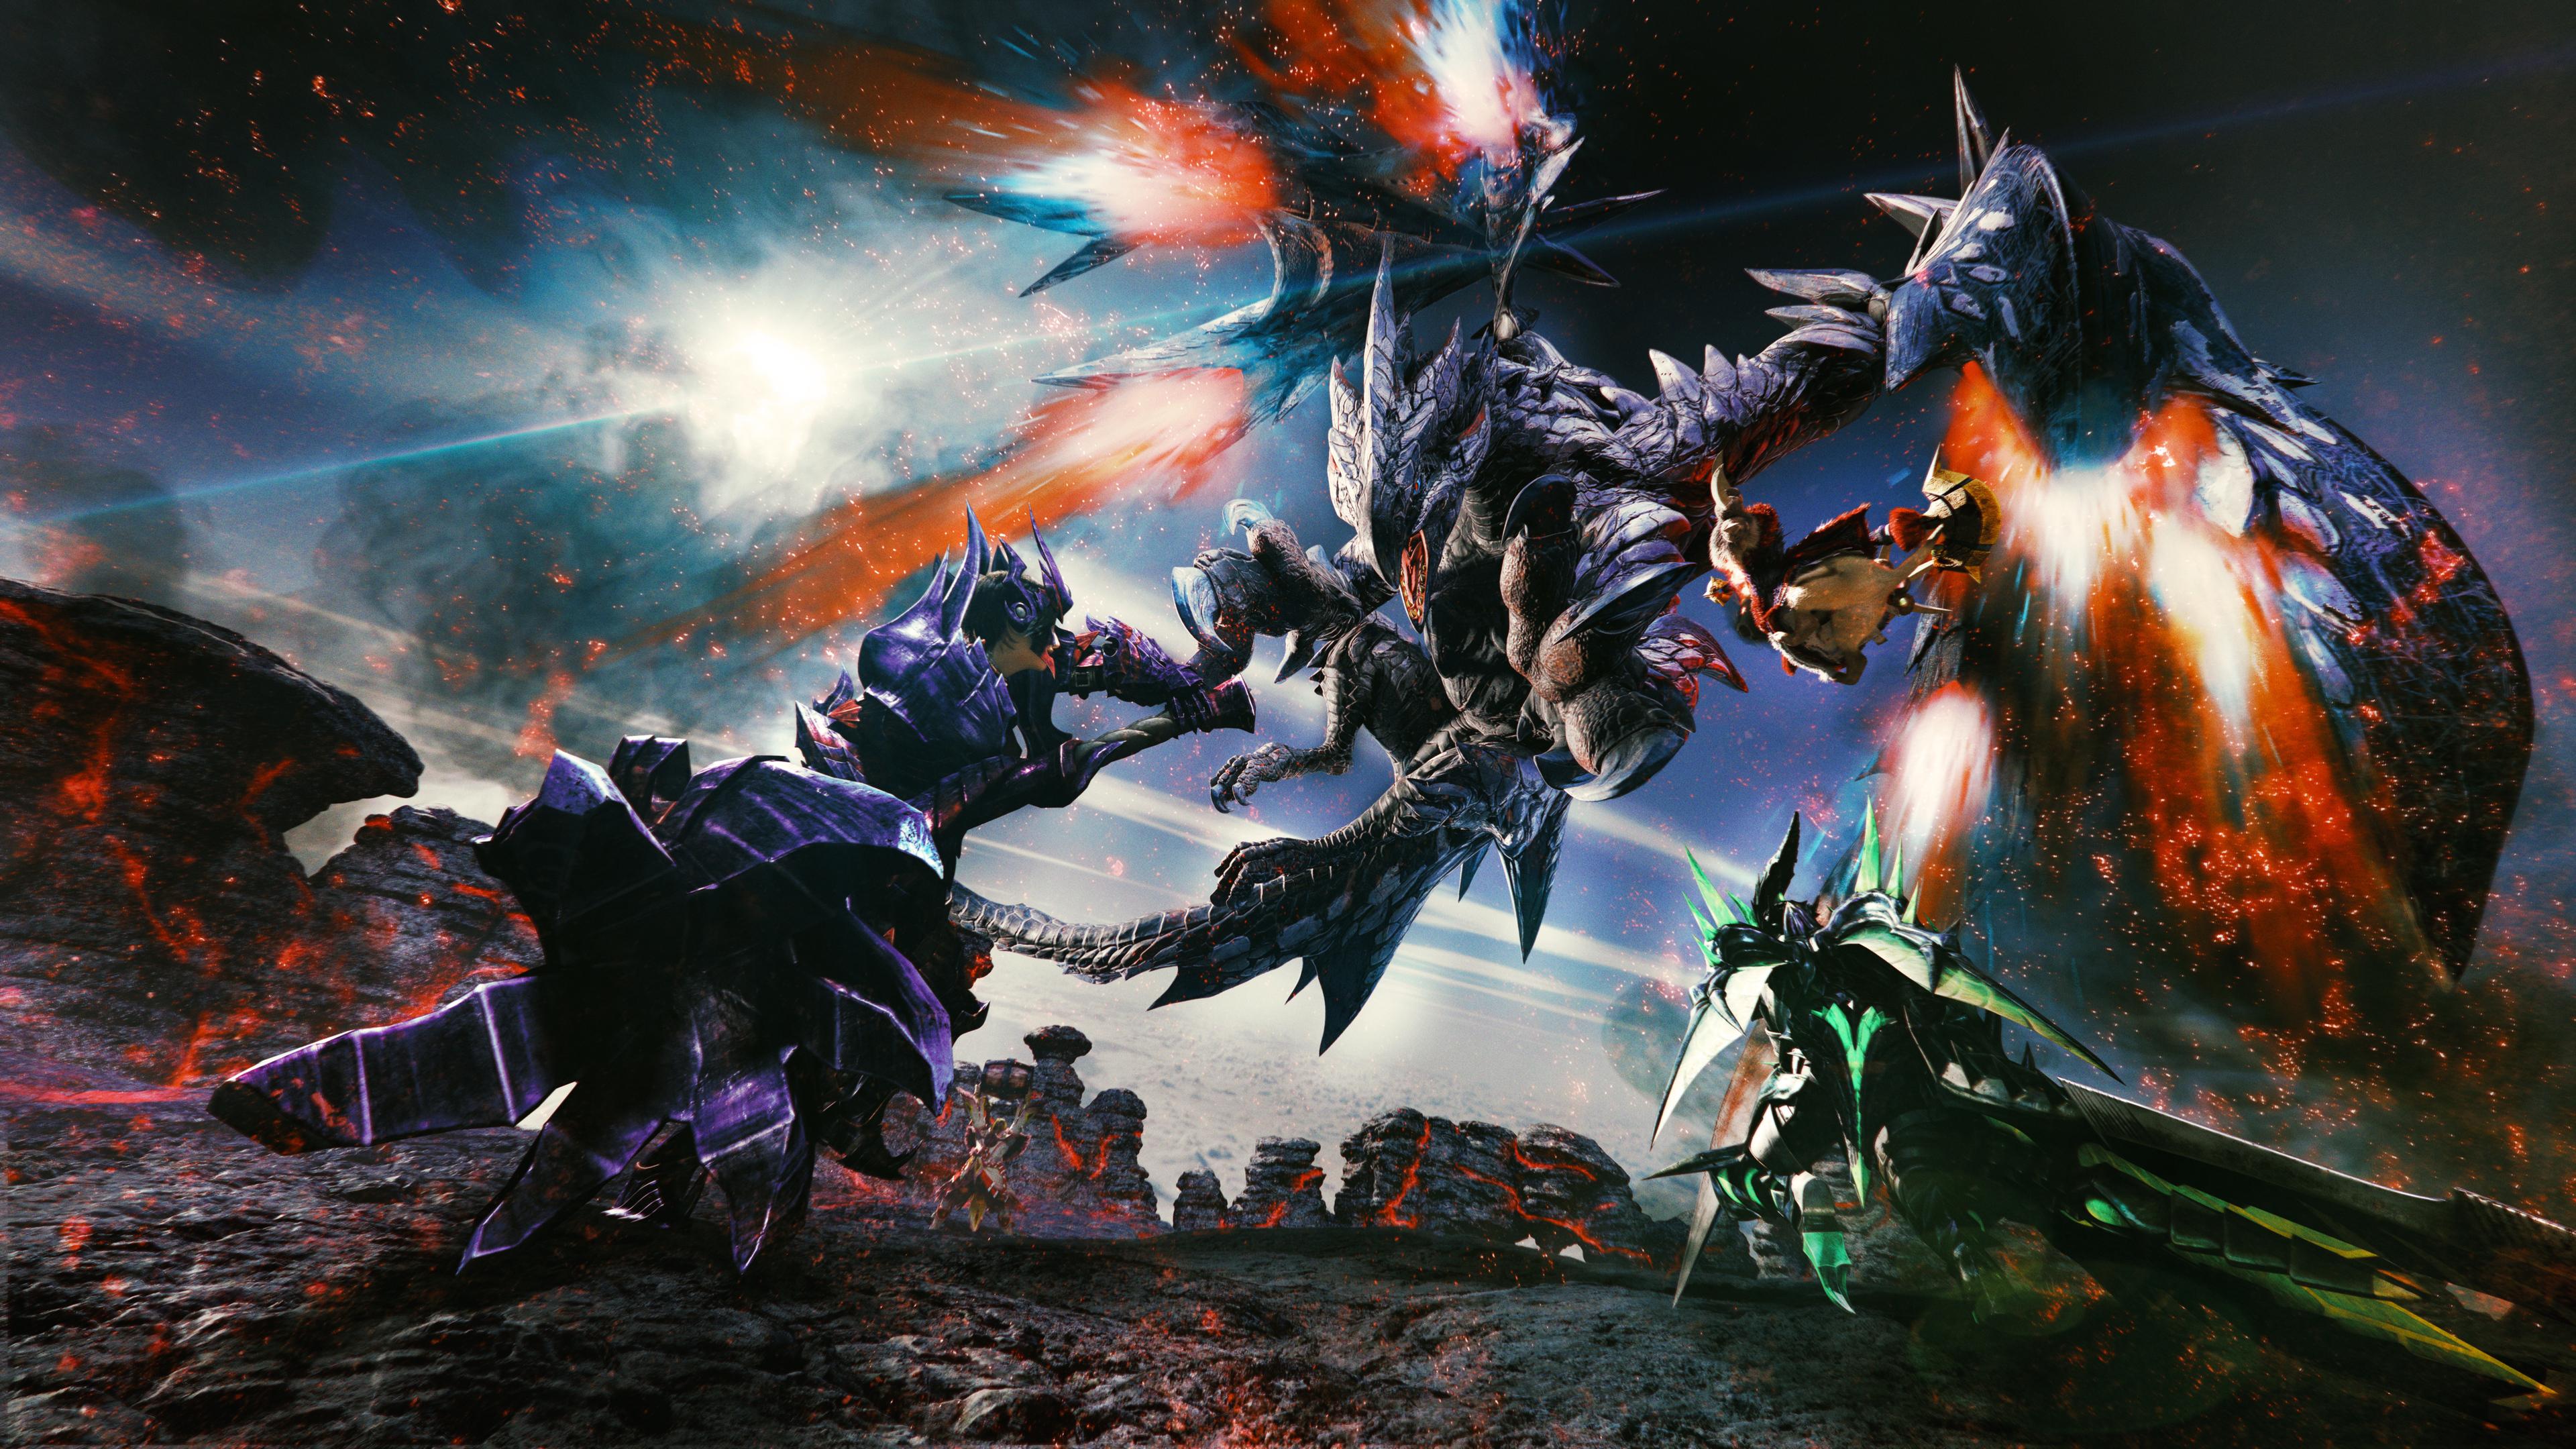 3840x2160 Monster Hunter Generations Valstrax Artwork 4k Hd